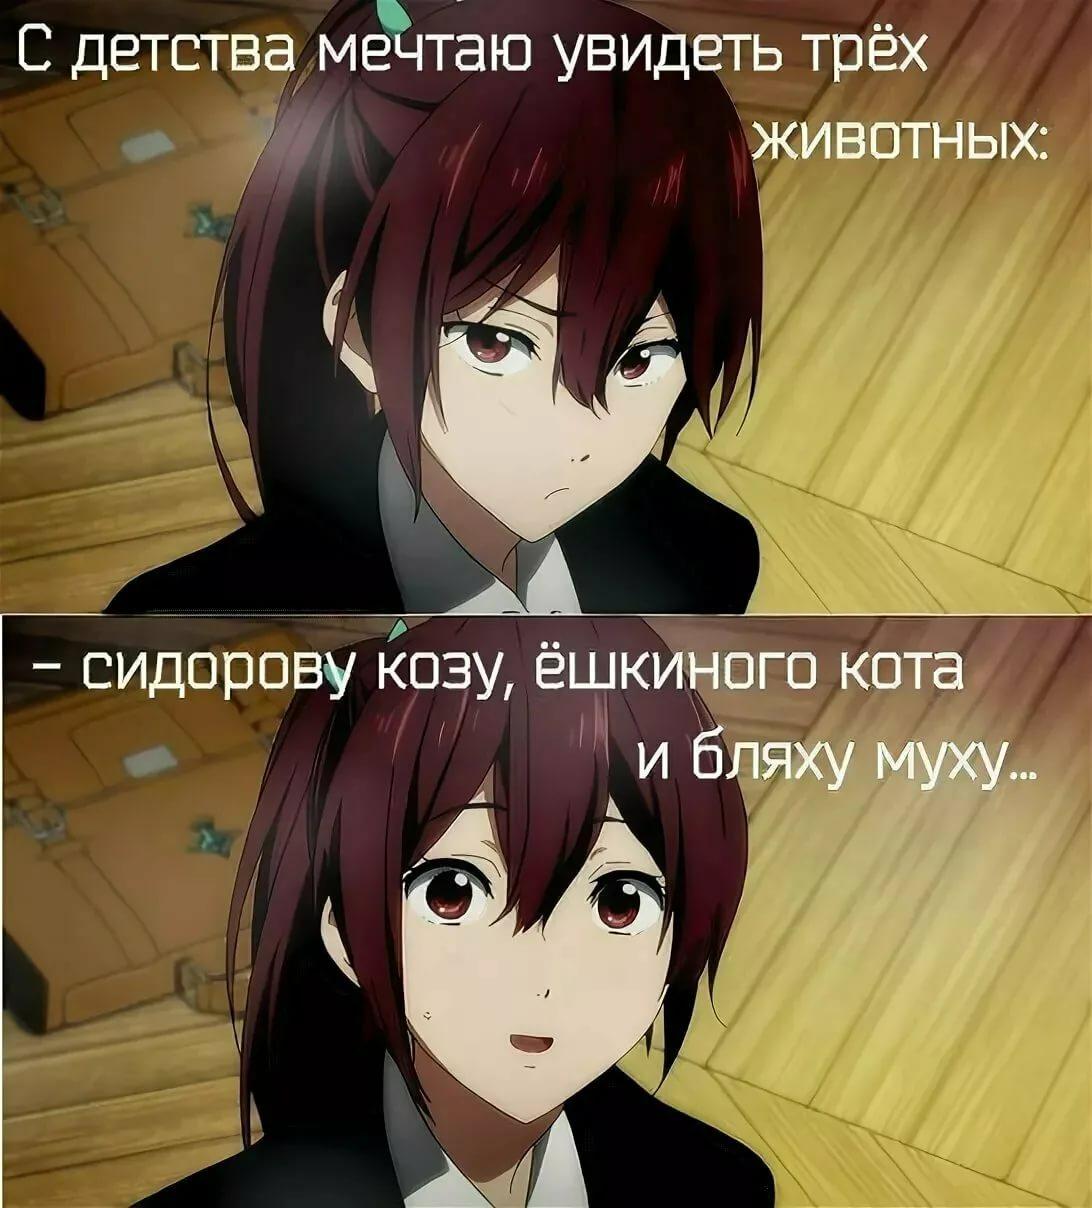 Угарные аниме мемы на русском про школу 6